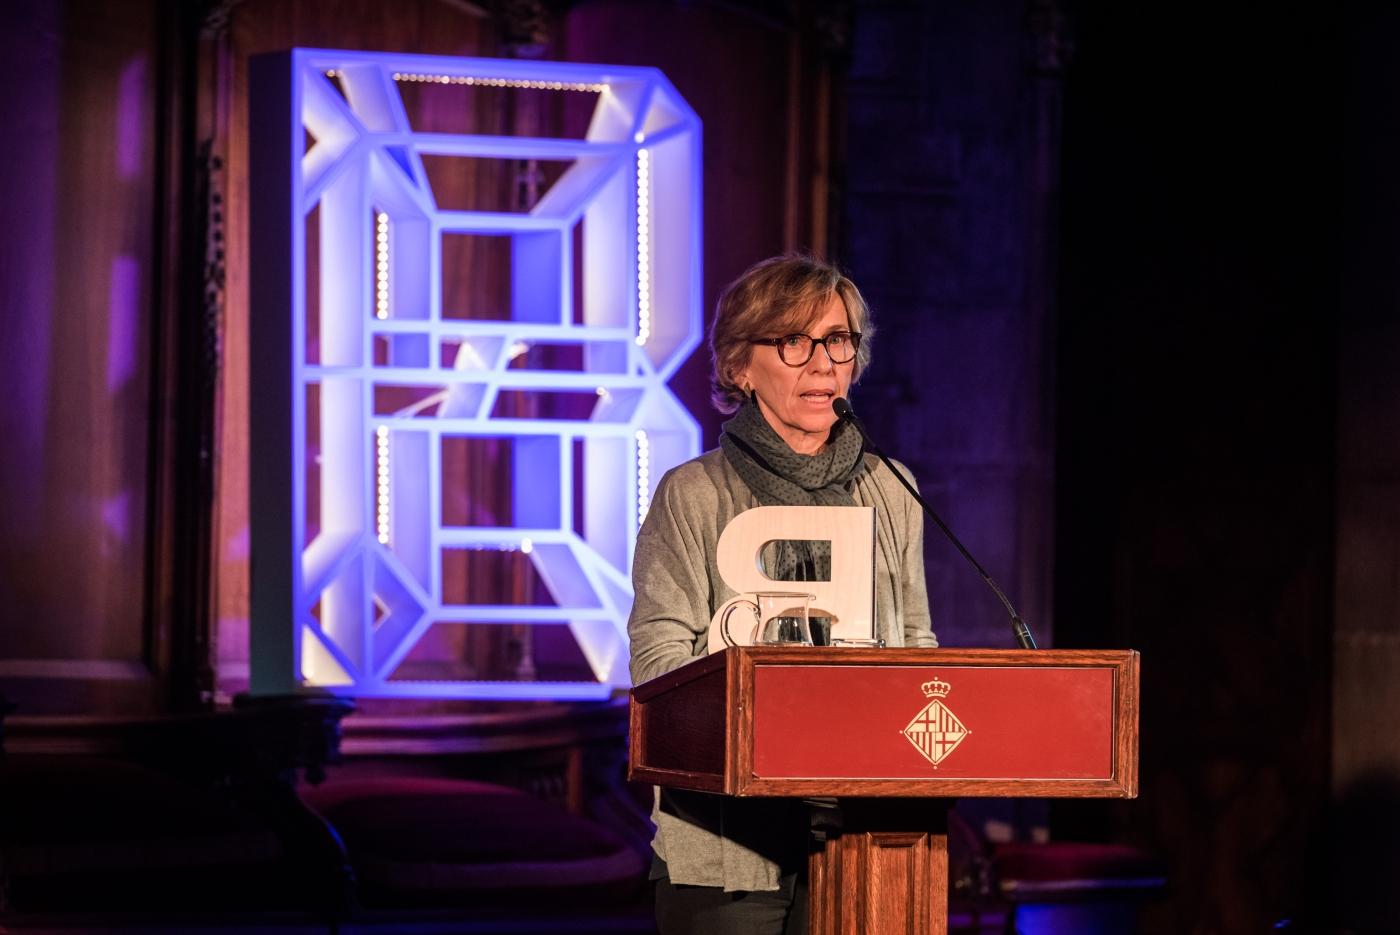 Fundació Jaume Bofill - Premi Ciutat de Barcelona de Disseny 2017